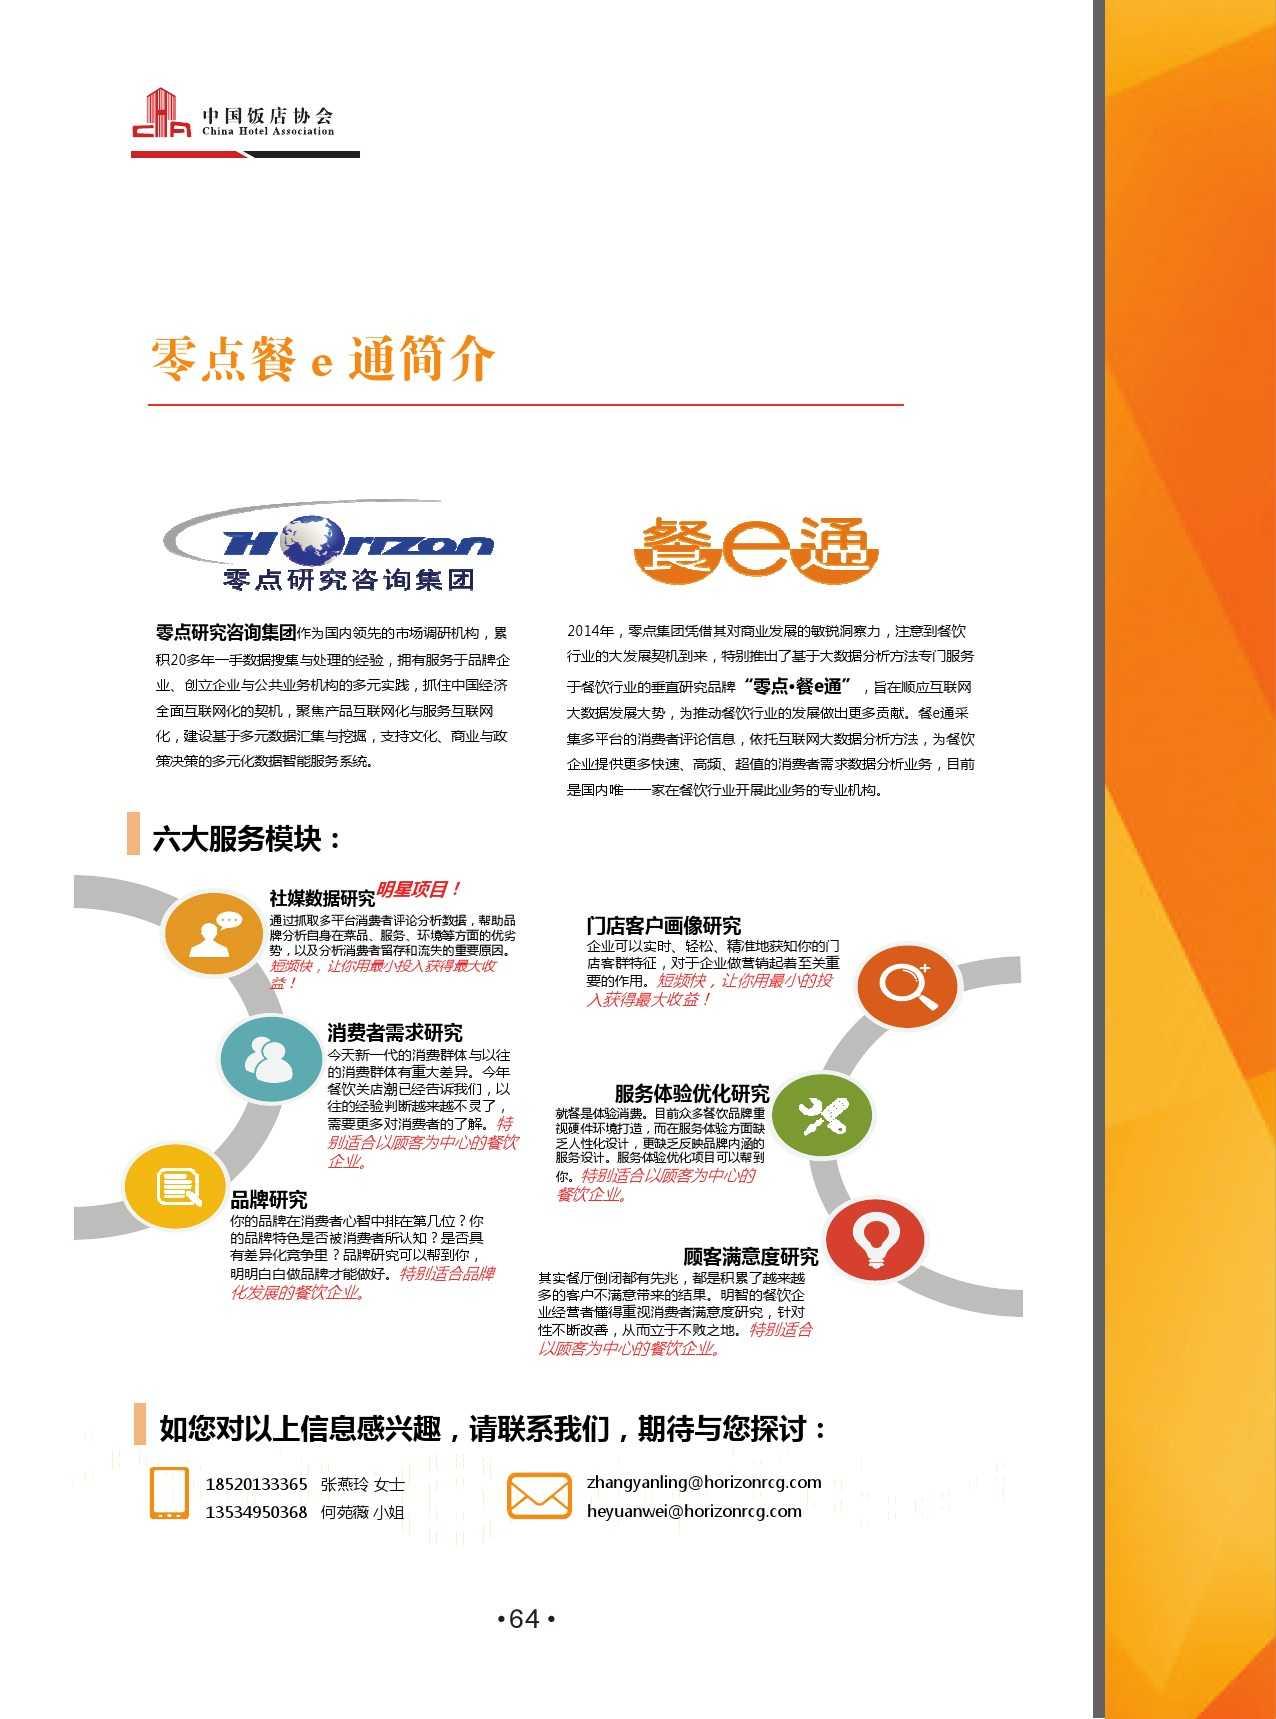 2015中国餐饮消费需求大数据分析报告_000066